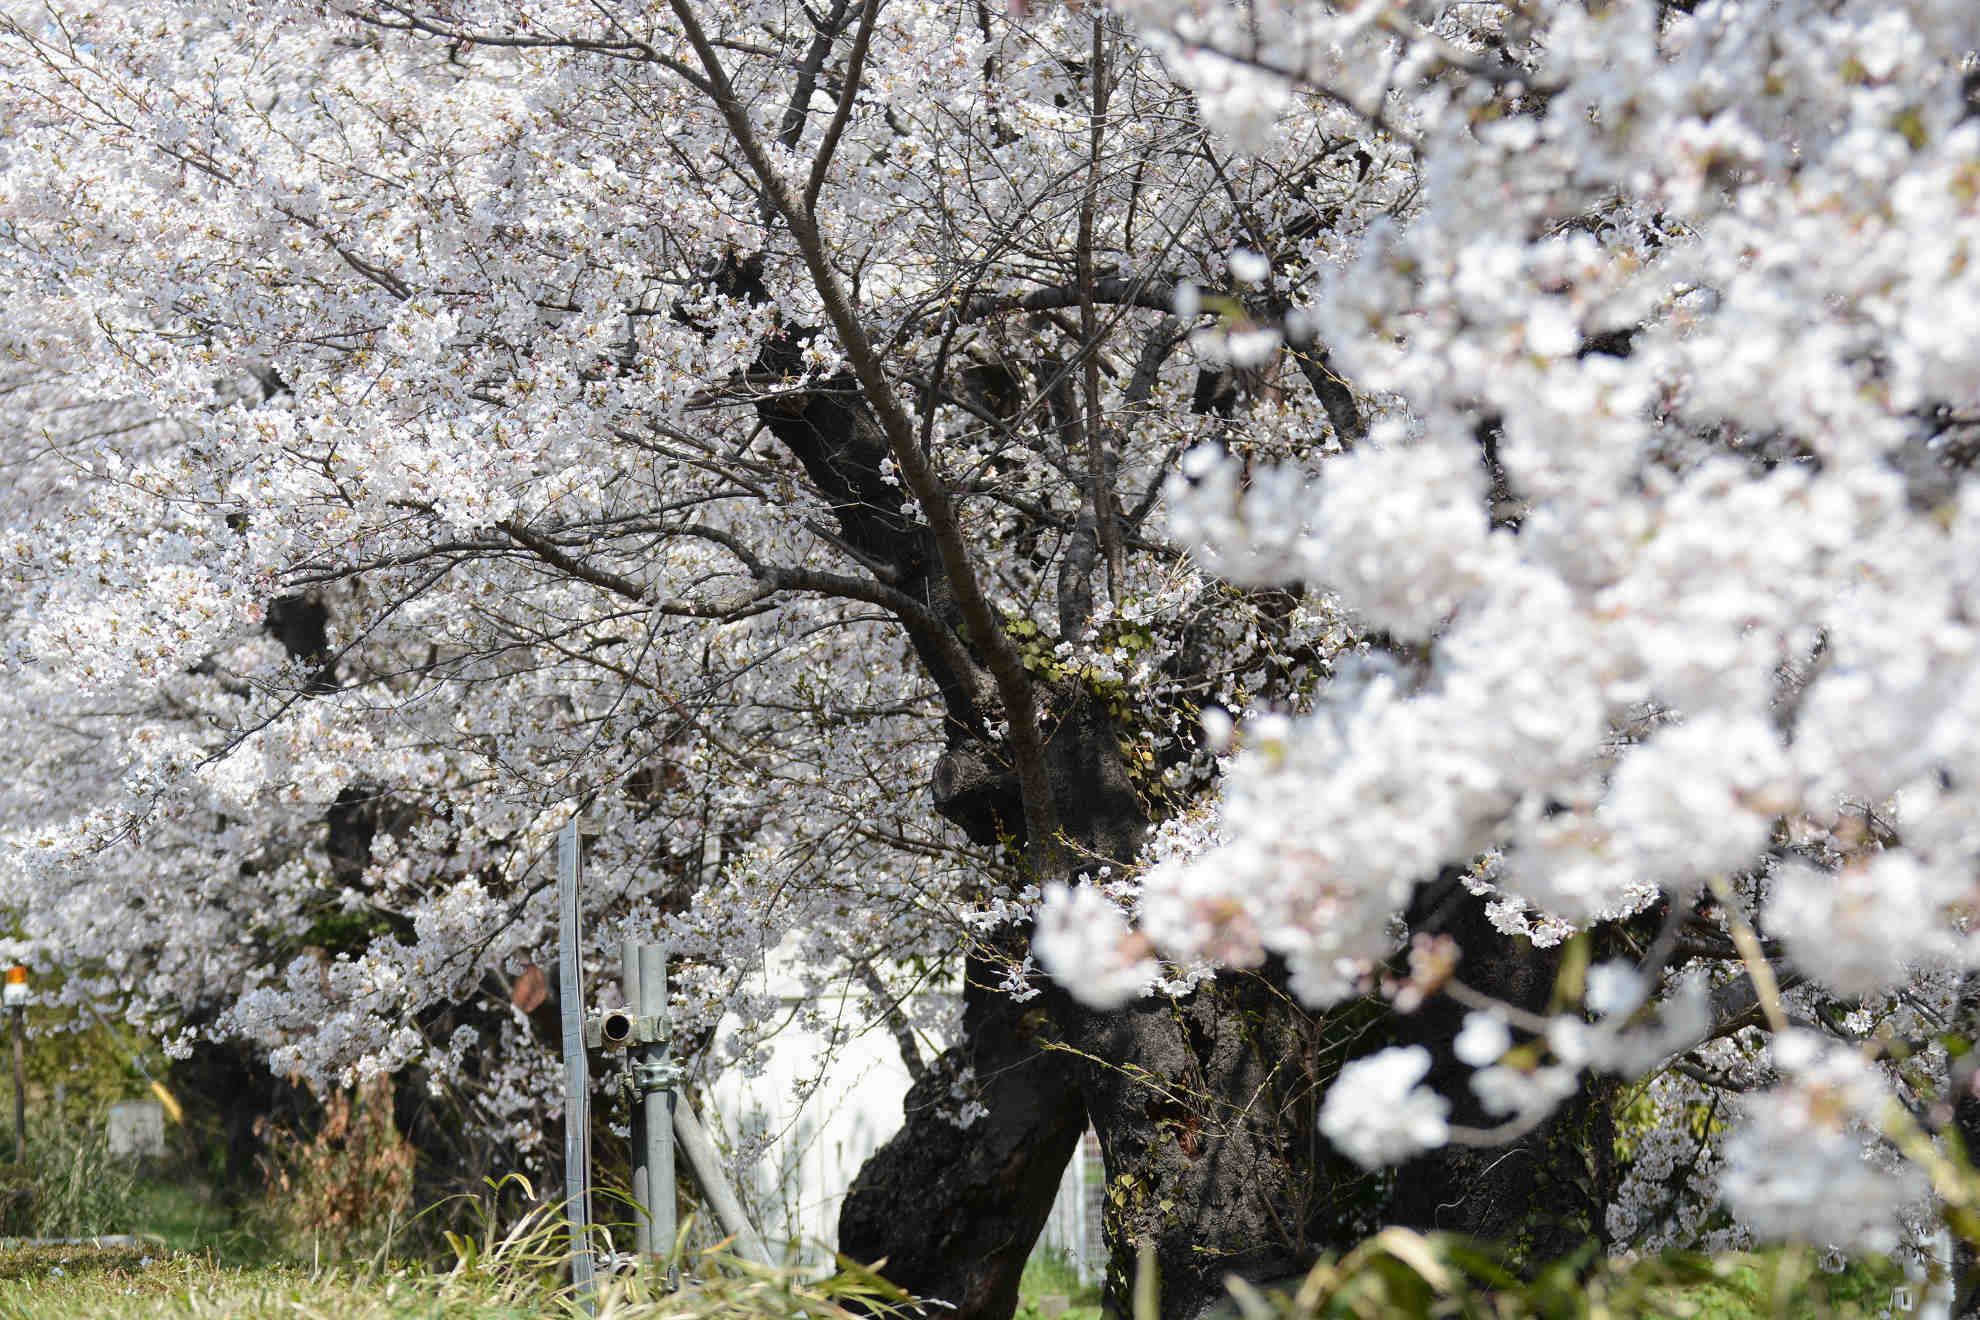 桜とほぼ同時期に咲くカタクリの花_a0148206_20202997.jpg